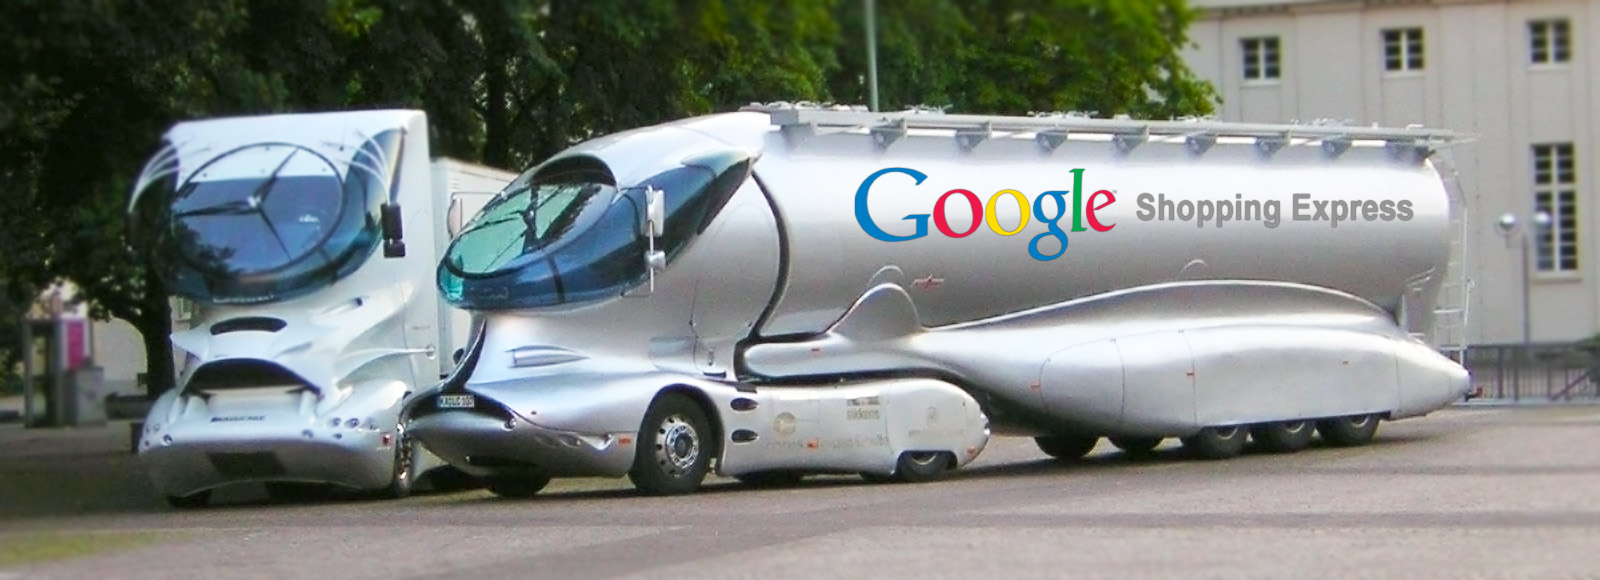 Google på väg att lansera konkurrent till Amazon